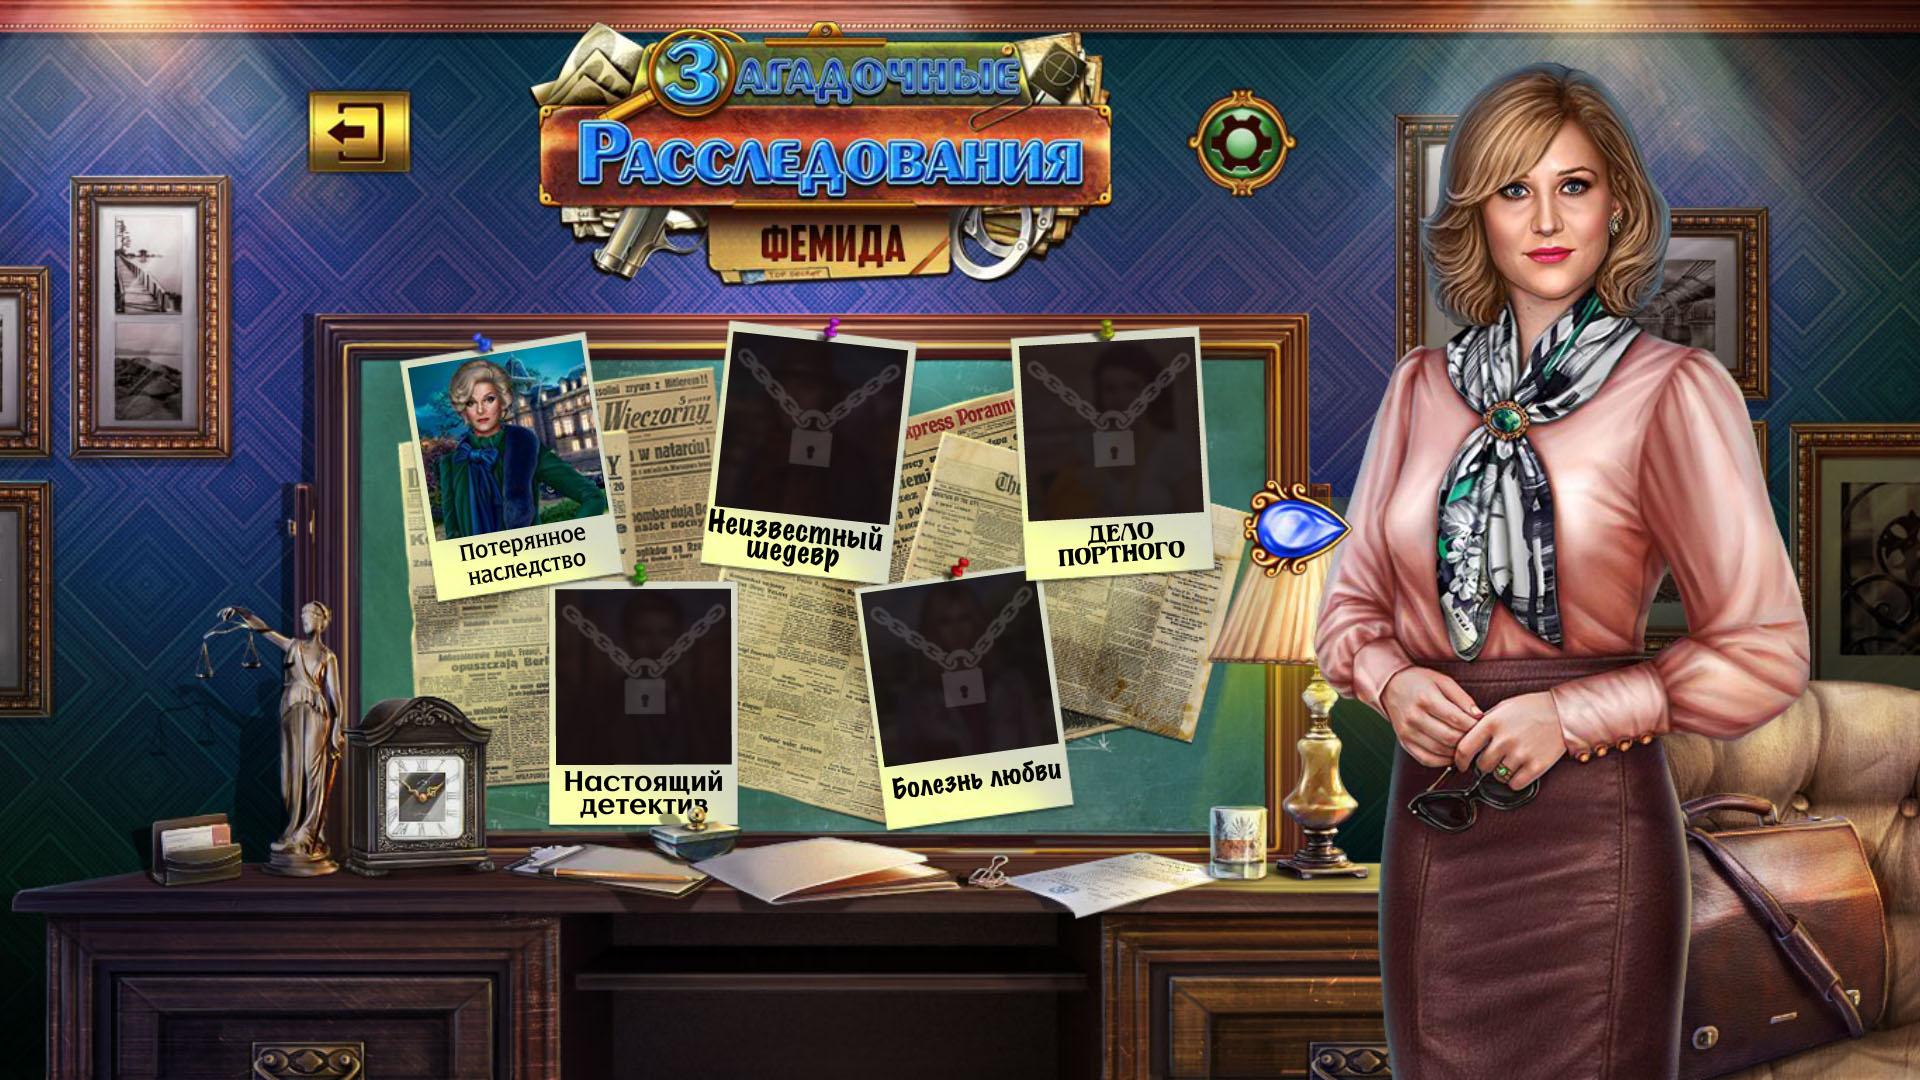 Загадочные расследования 4: Фемида | Secret Investigations 4: Themis (Rus)